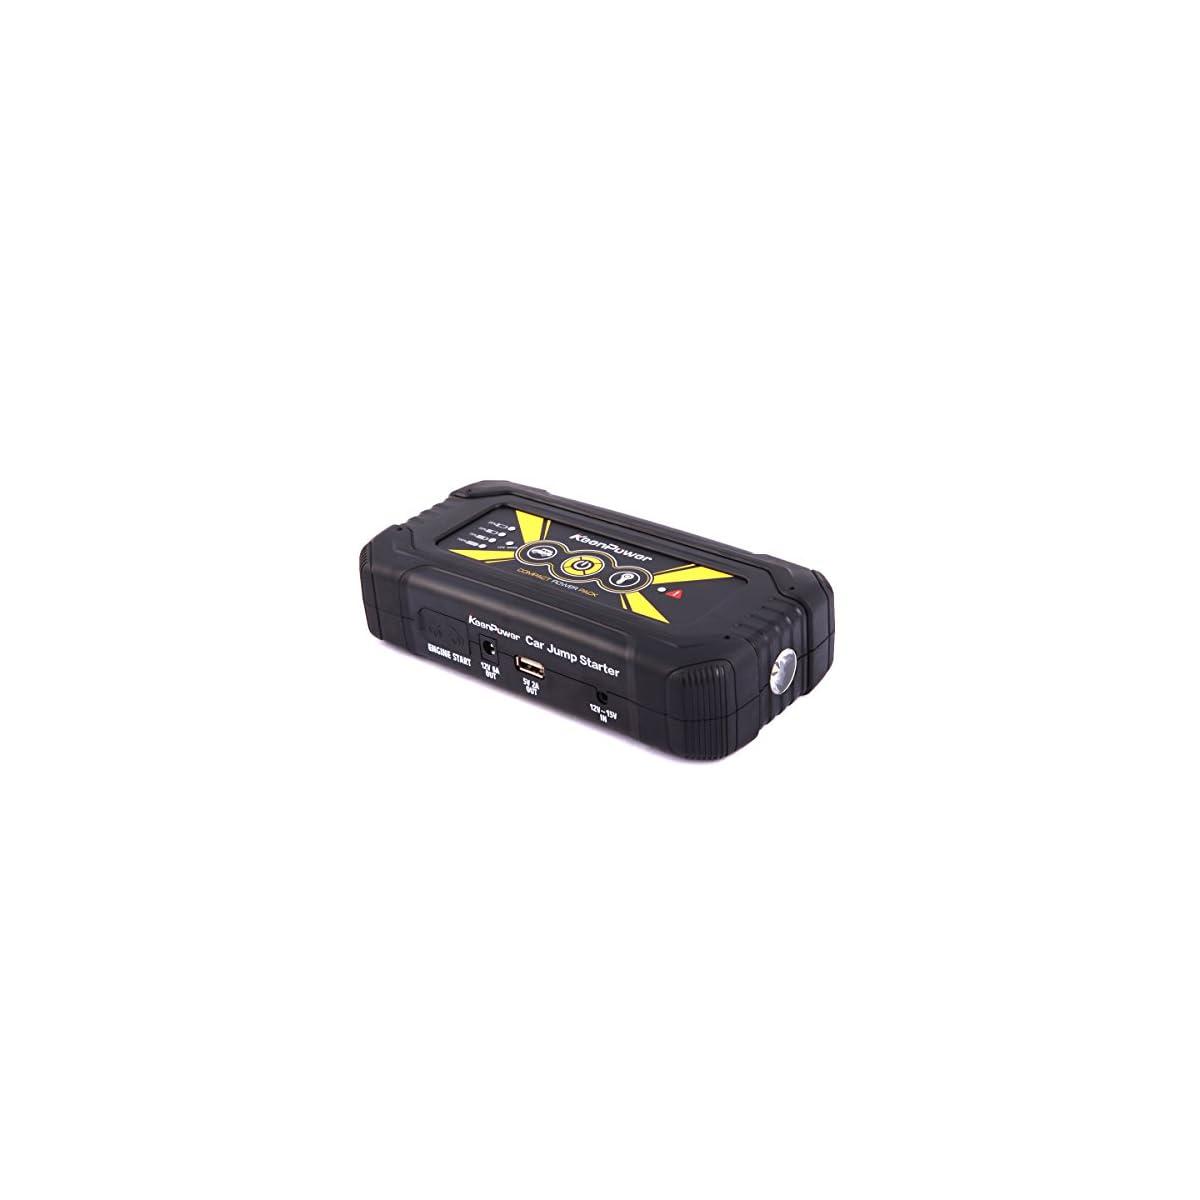 41GQgwVI7wL. SS1200  - Keenpower Cargador móvil portátil del arrancador del salto del coche de la emergencia 18000mAh 900A para la batería de coche 12V Gasolina Diesel Auto